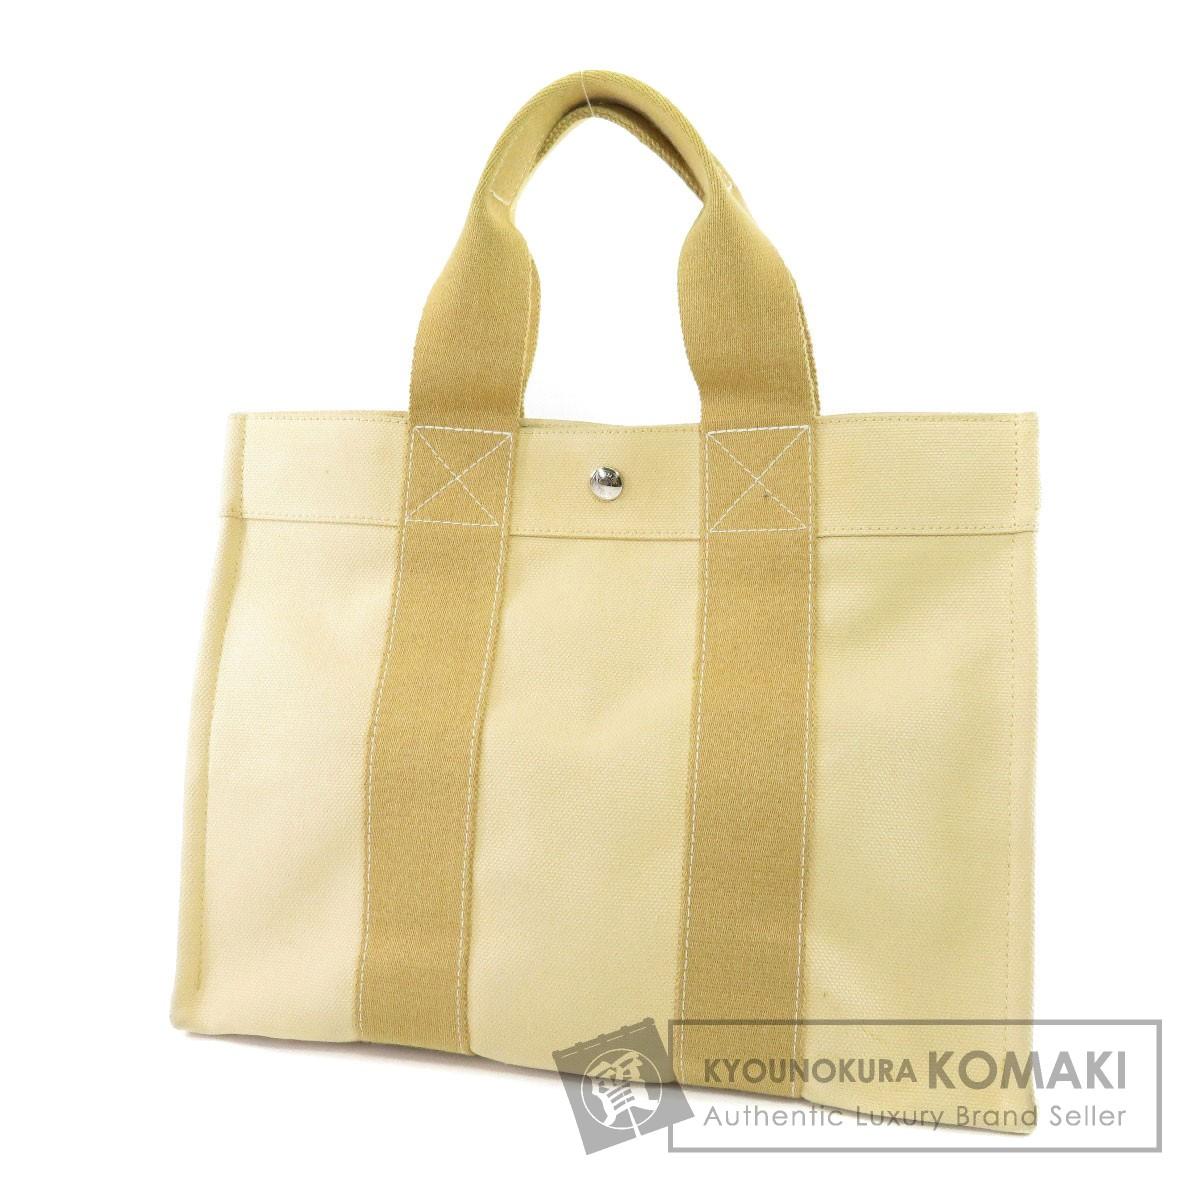 HERMES コキラージュPM トートバッグ キャンバス レディース 【中古】【エルメス】